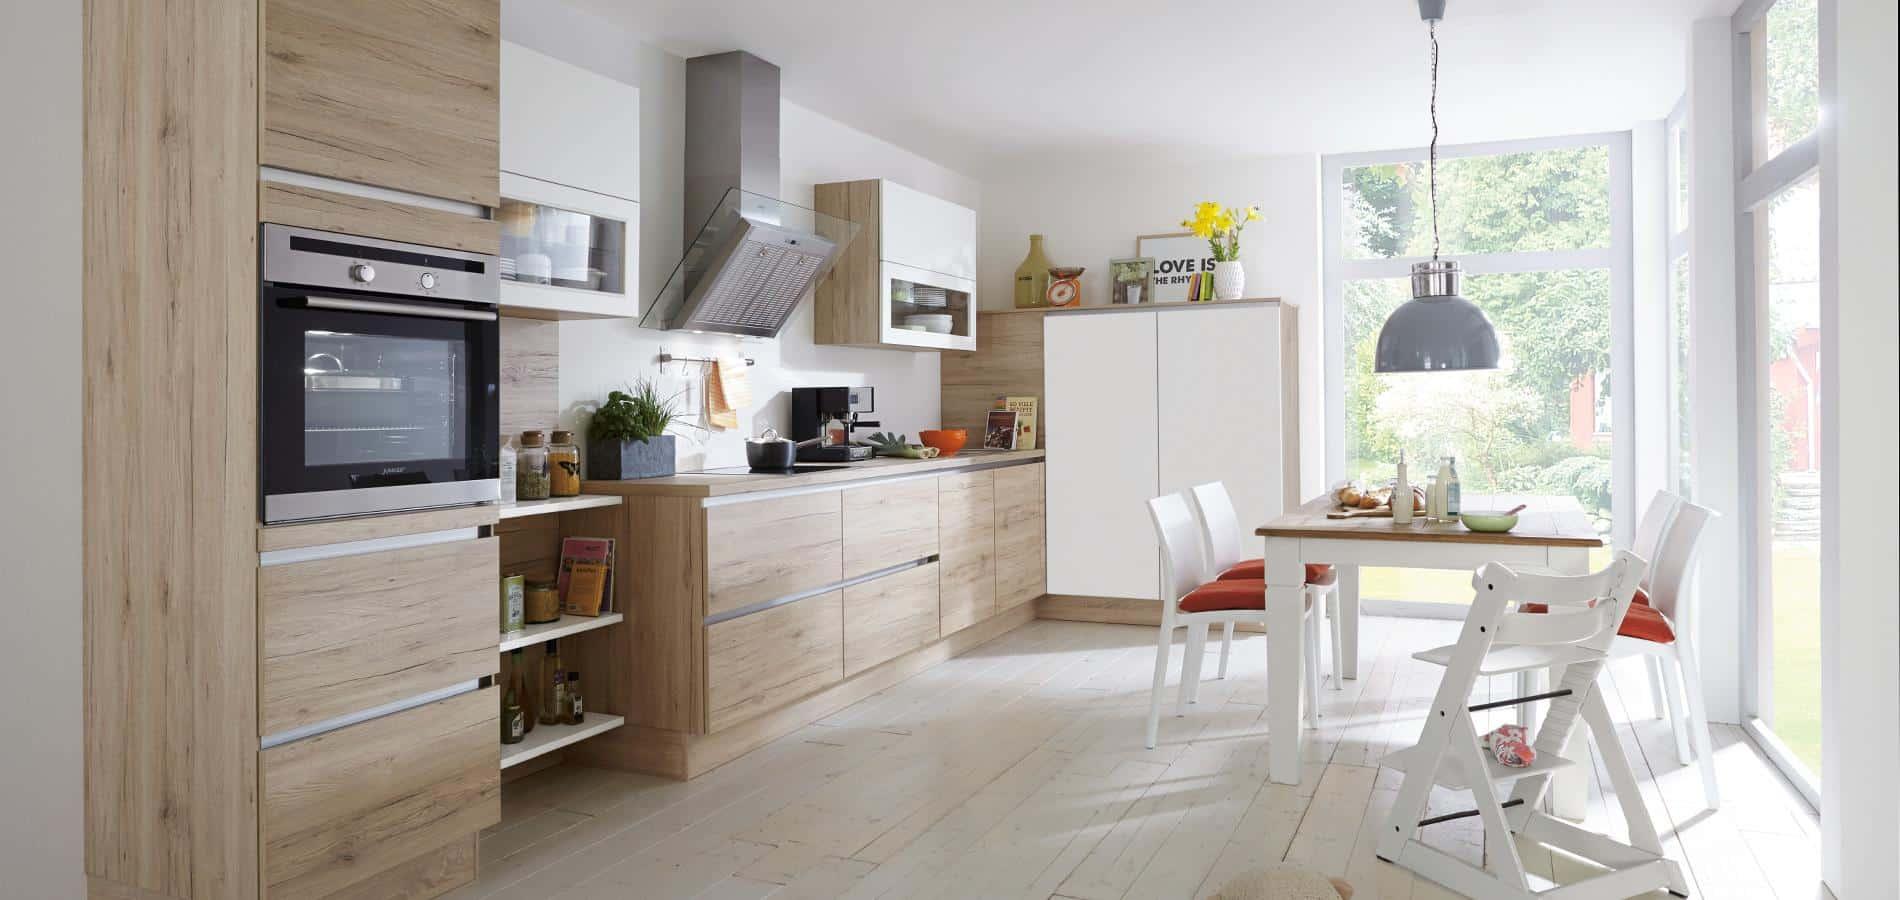 Comment am nager une cuisine fonctionnelle et agr able ma d co maison - Cuisine pratique et fonctionnelle ...